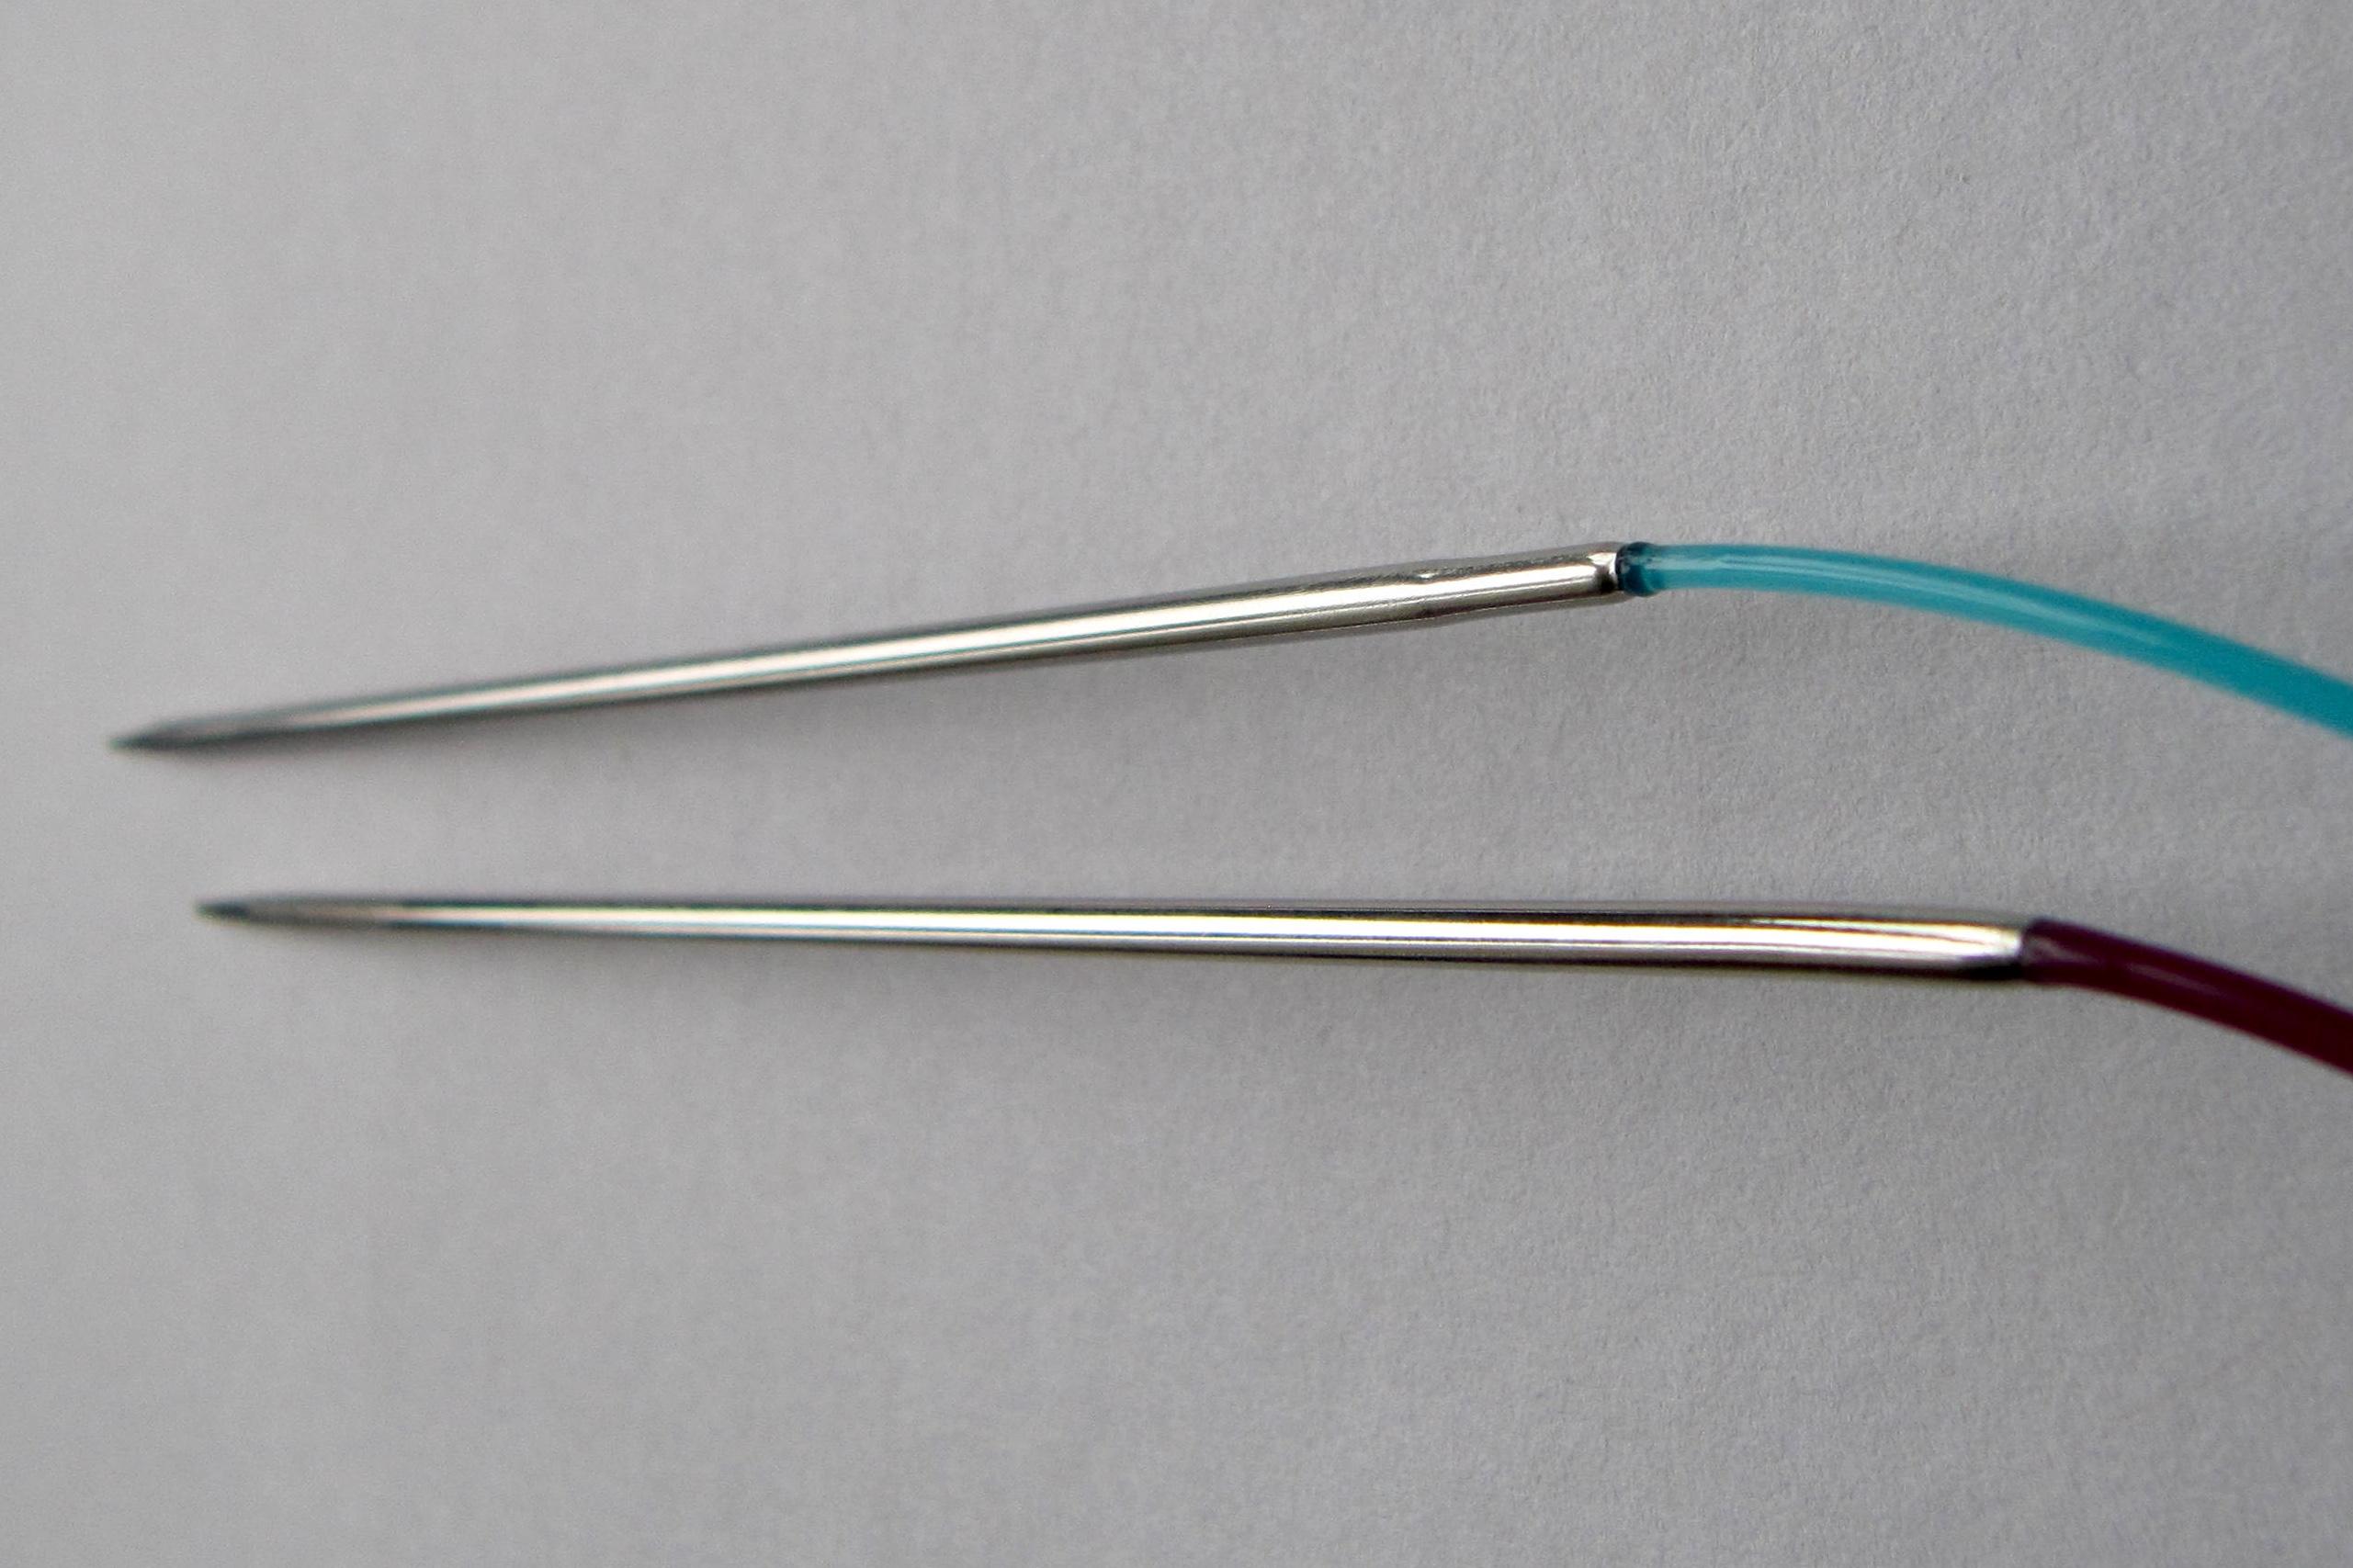 Schöner Übergang von Nadel zu Seil bei beiden.